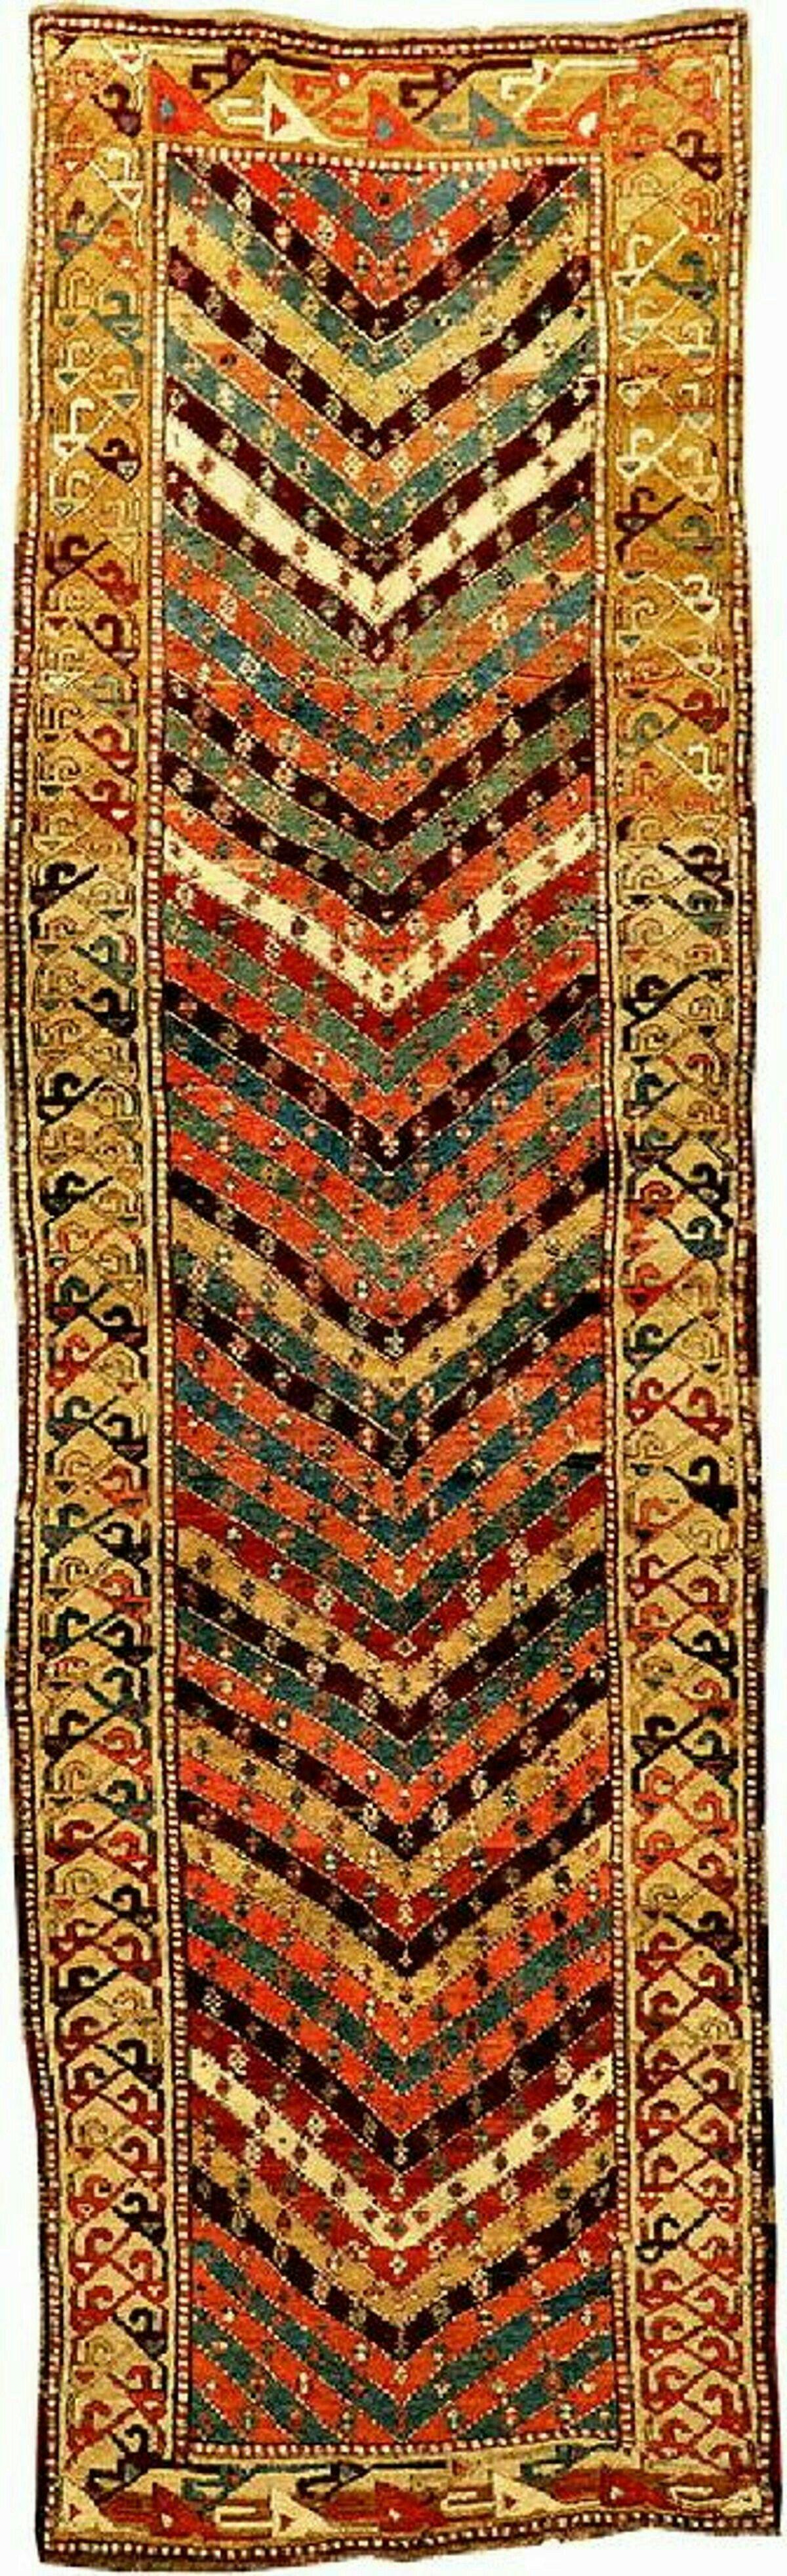 Semih Yildirim Adli Kullanicinin Rugs Carpet Halilar Kilimler